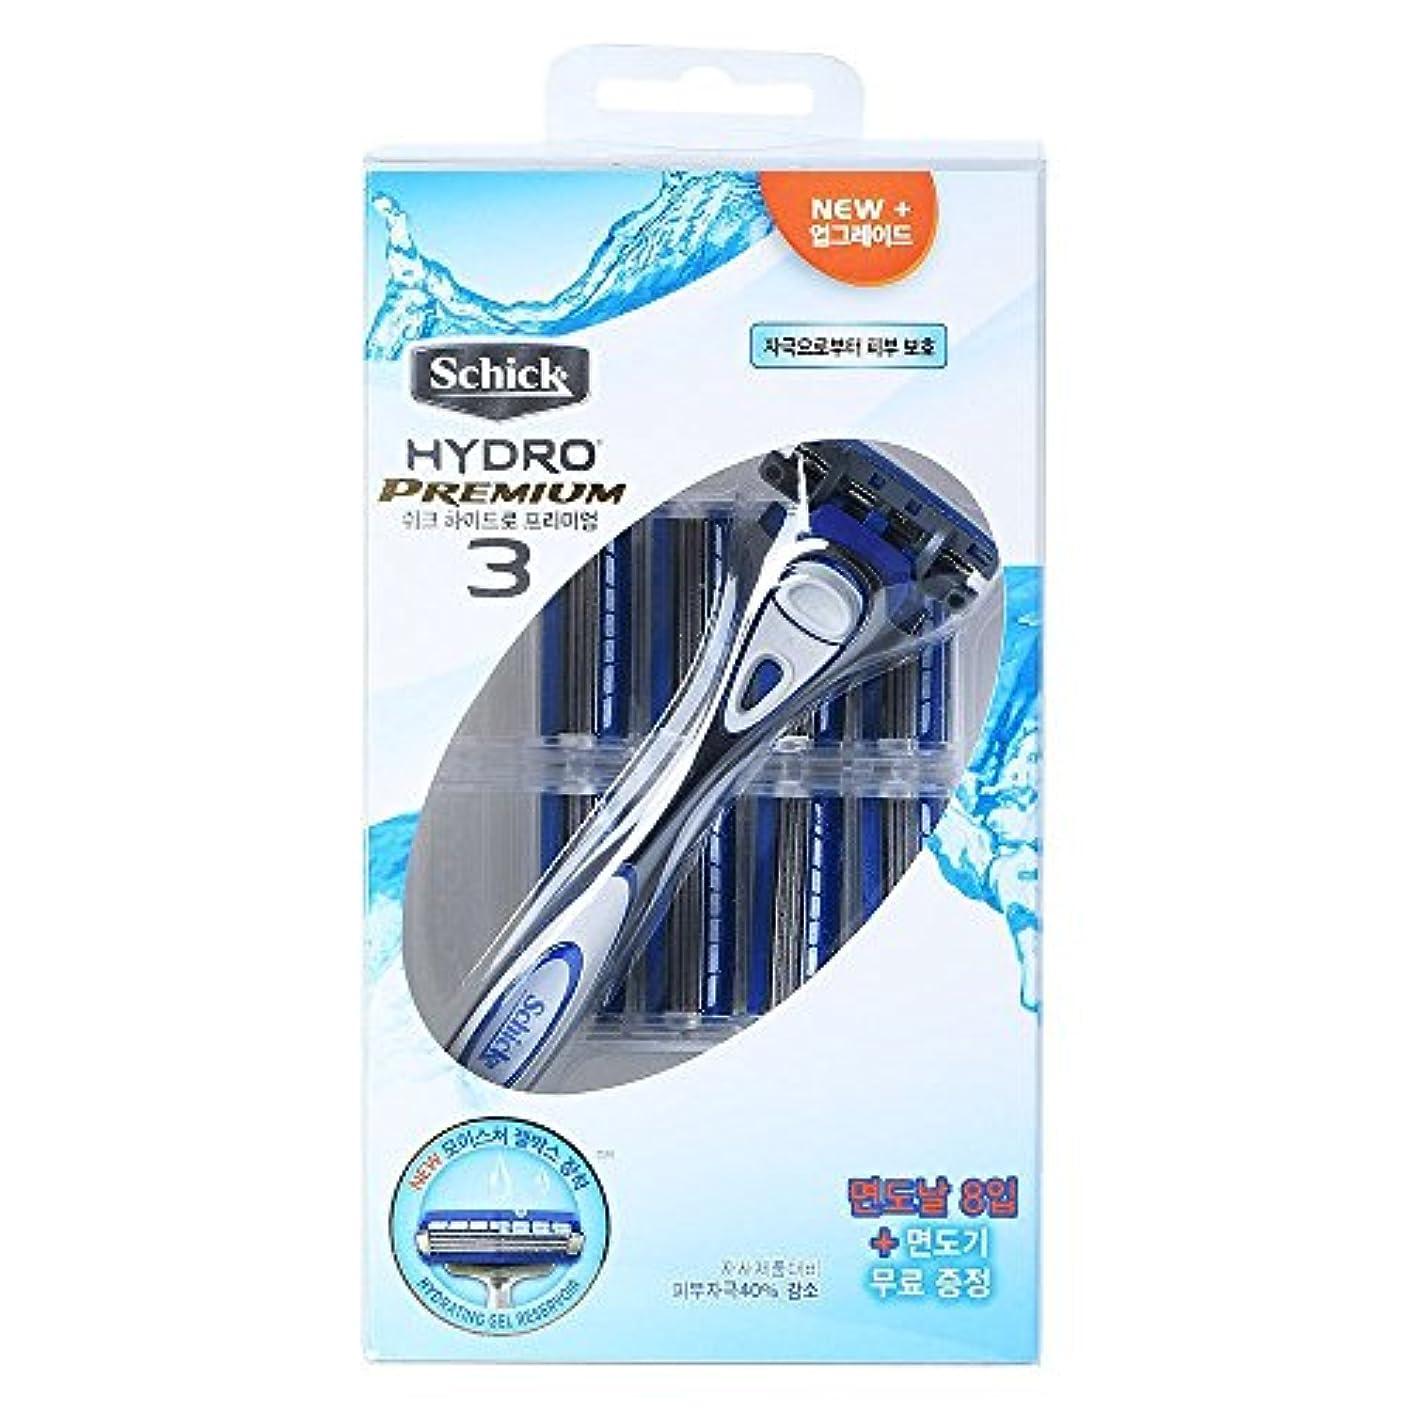 理解する確保する傾いたSchick HYDRO 3 Premium Shaving 1つの剃刀と9つのカートリッジリフィル [並行輸入品]